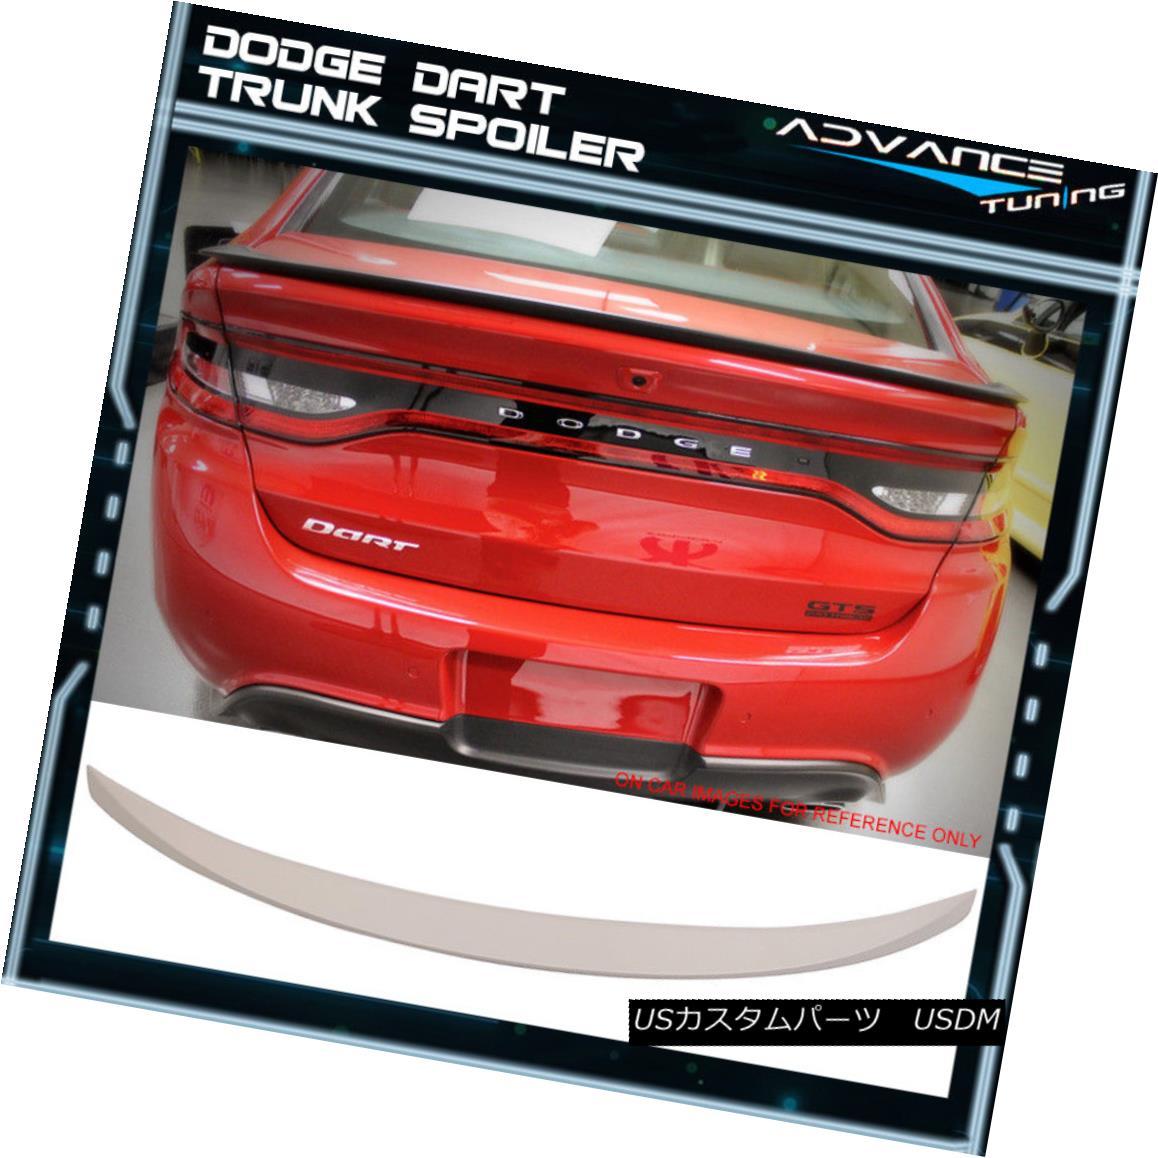 エアロパーツ Fits 13-16 Dodge Dart OE Factory Style Trunk Spoiler Painted #PW7 Bright White フィット13-16ドッジダーツOE工場スタイルトランクスポイラー塗装#PW7ブライトホワイト